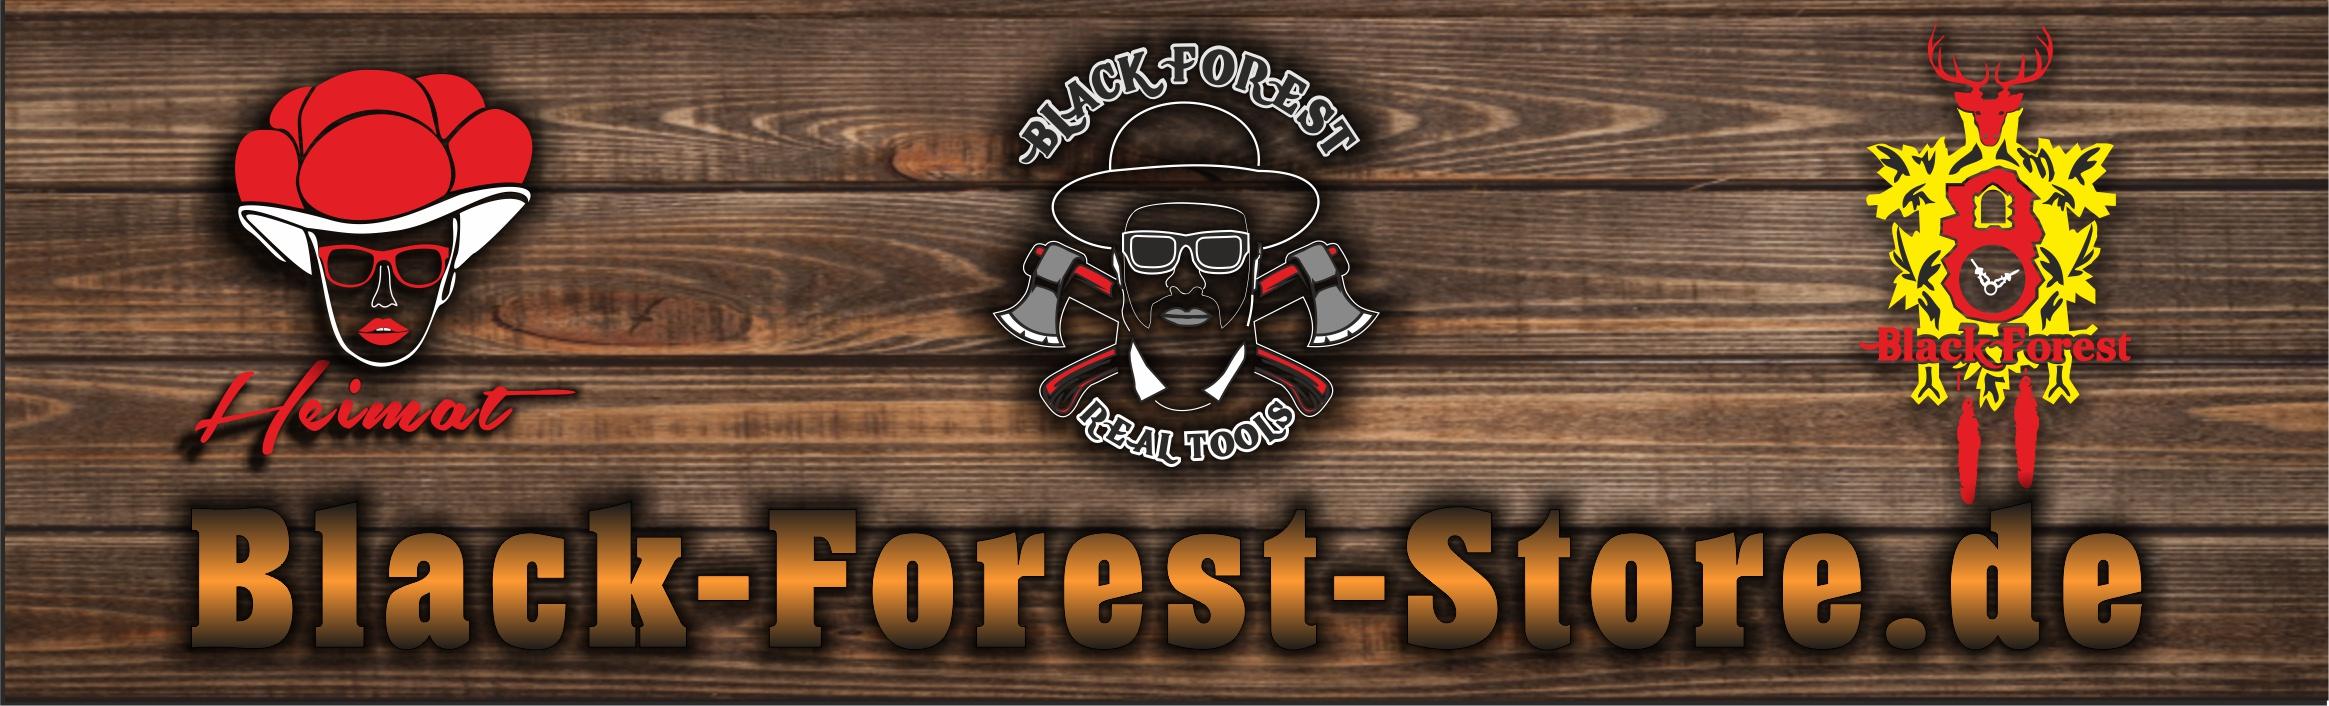 ###   BLACK   FOREST  ###  -   (Hauptkategorie)